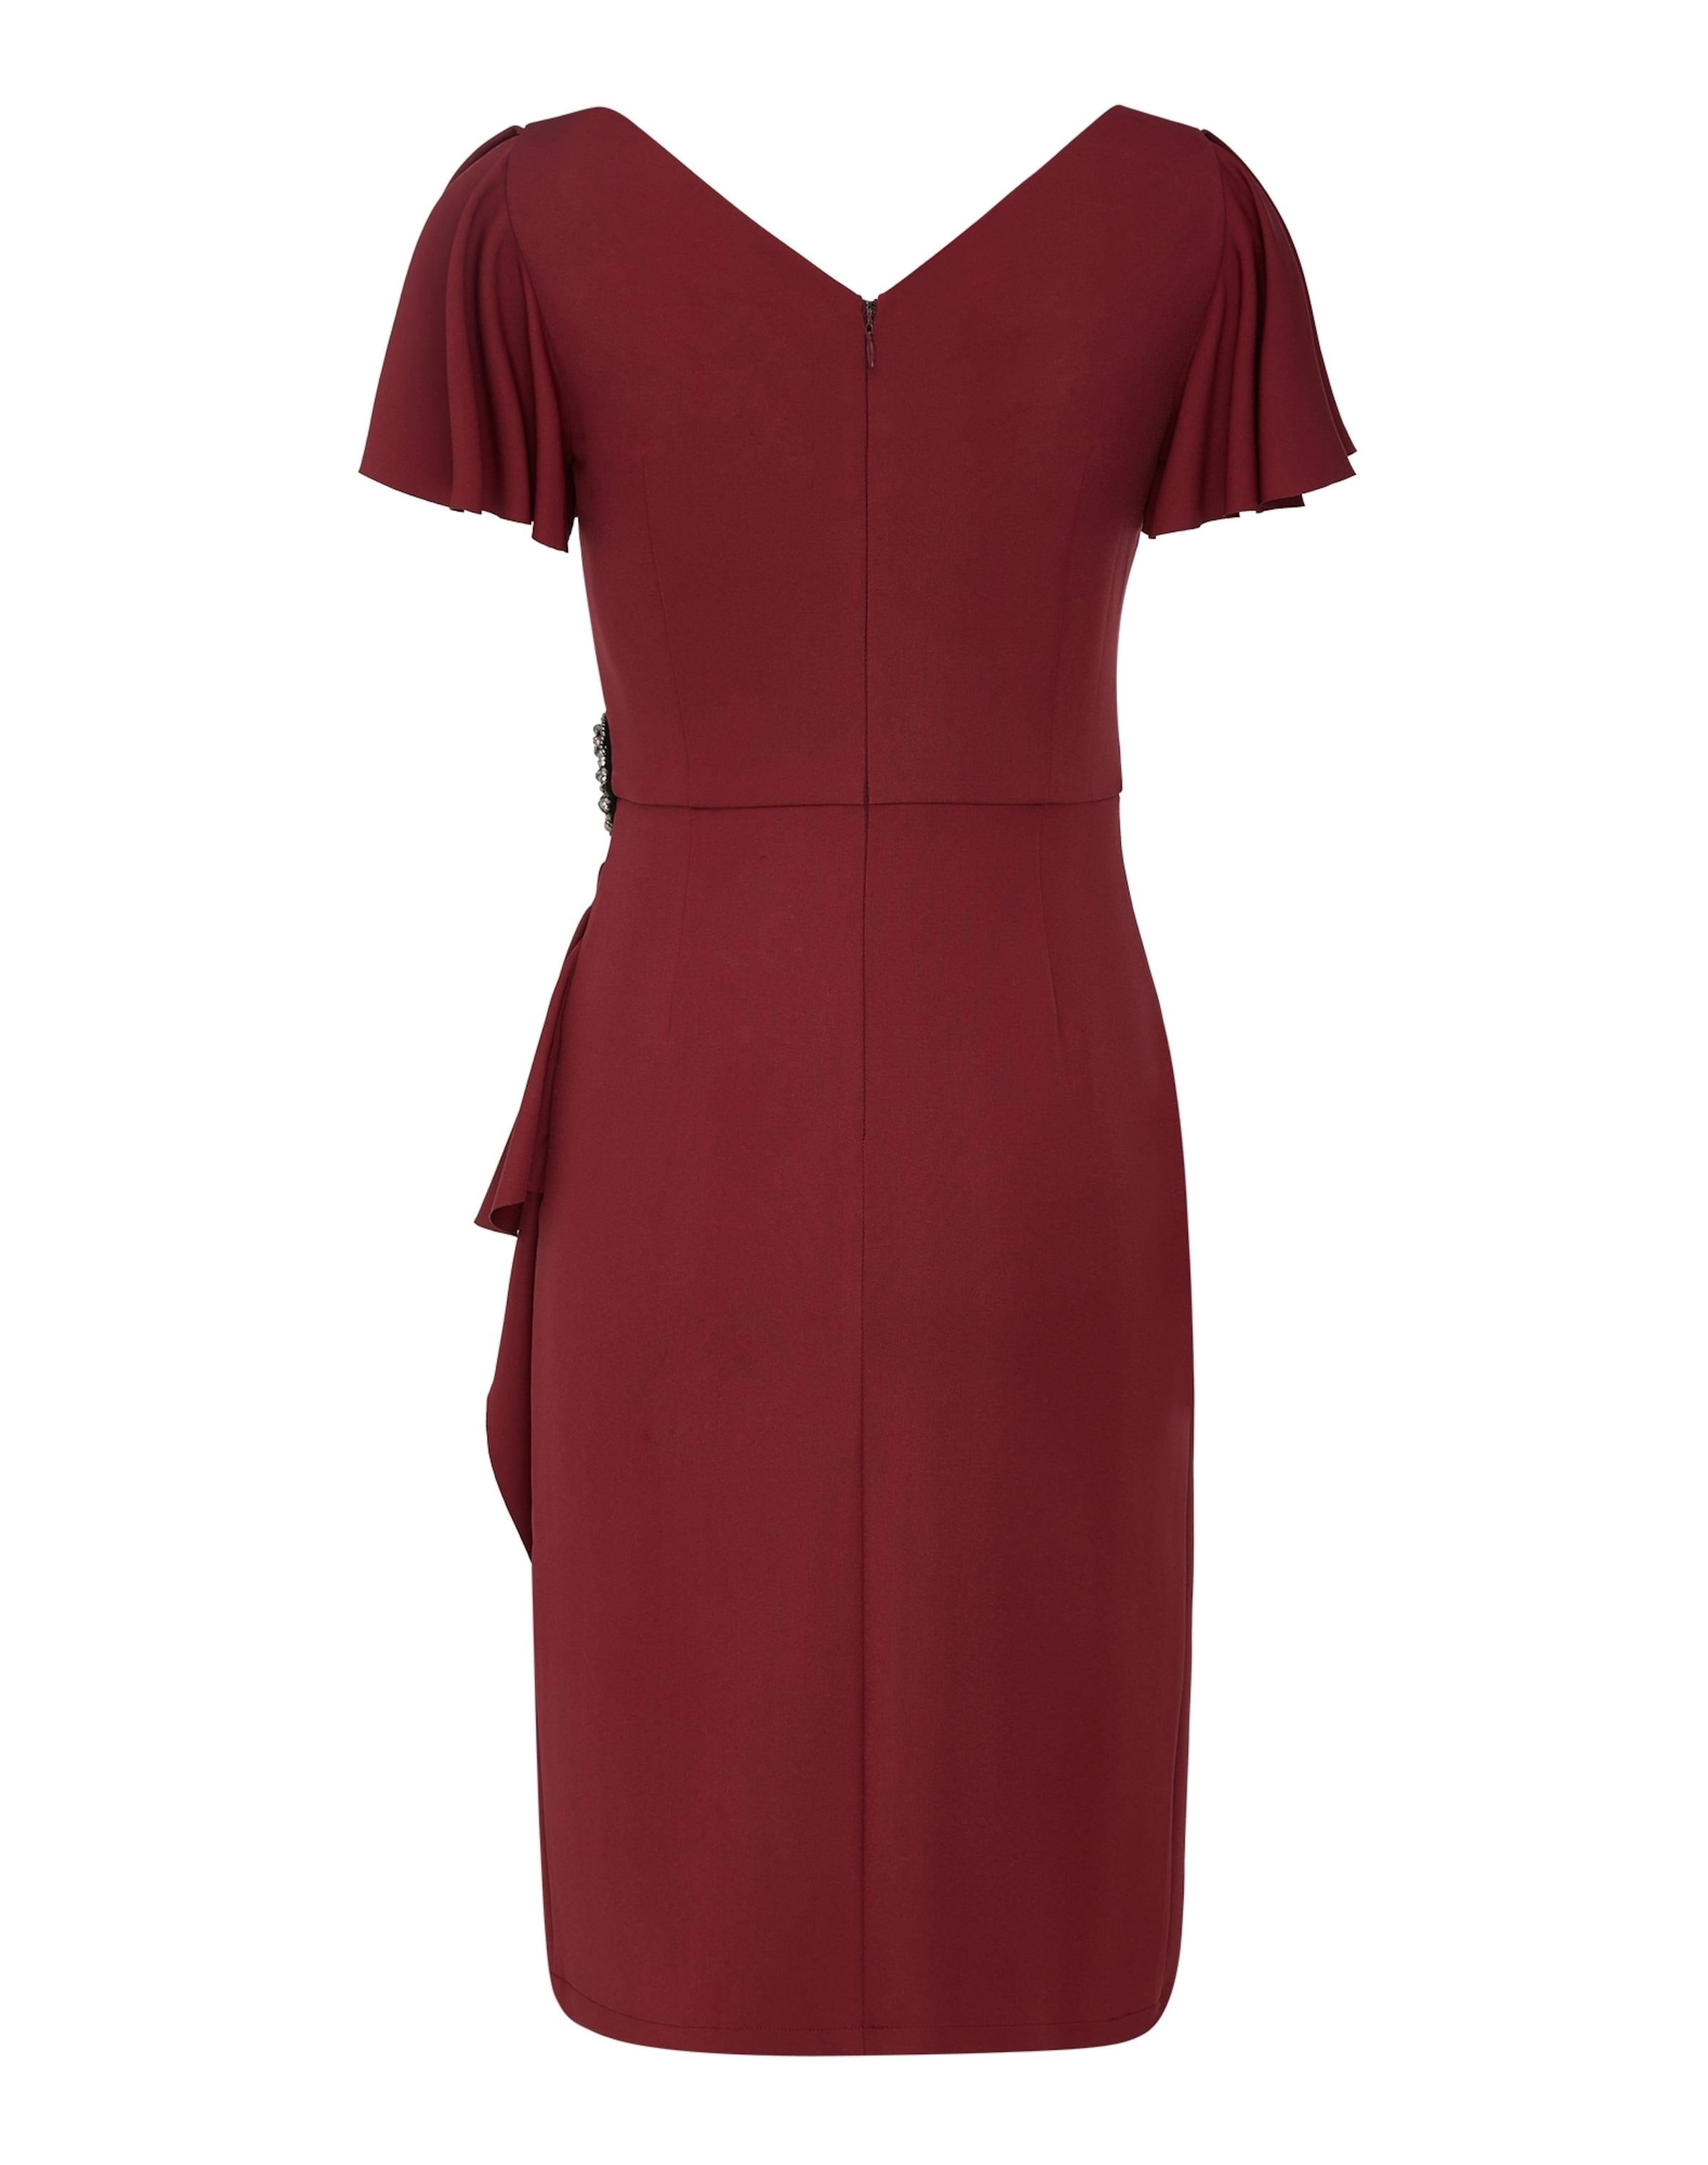 Burgunder Hinten Vorne Apart Und Mit V In ausschnitt Abendkleid R3LAj54